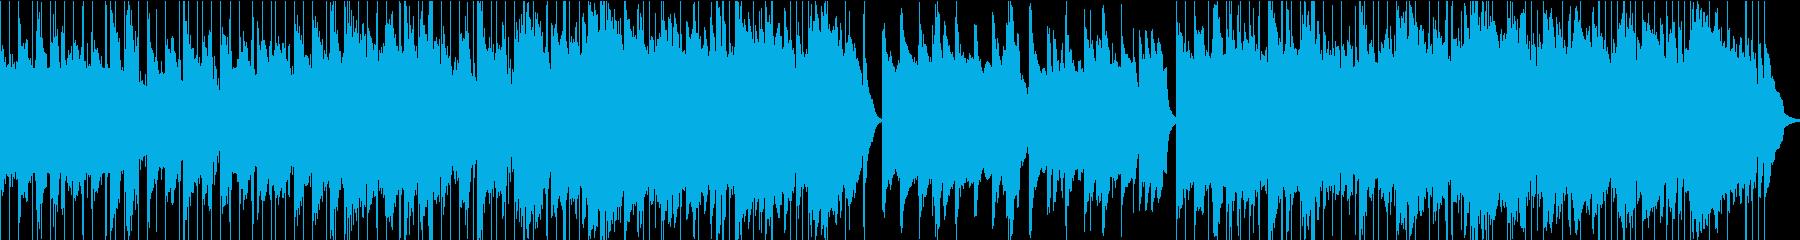 高騰するシンフォニックロックの歌。...の再生済みの波形